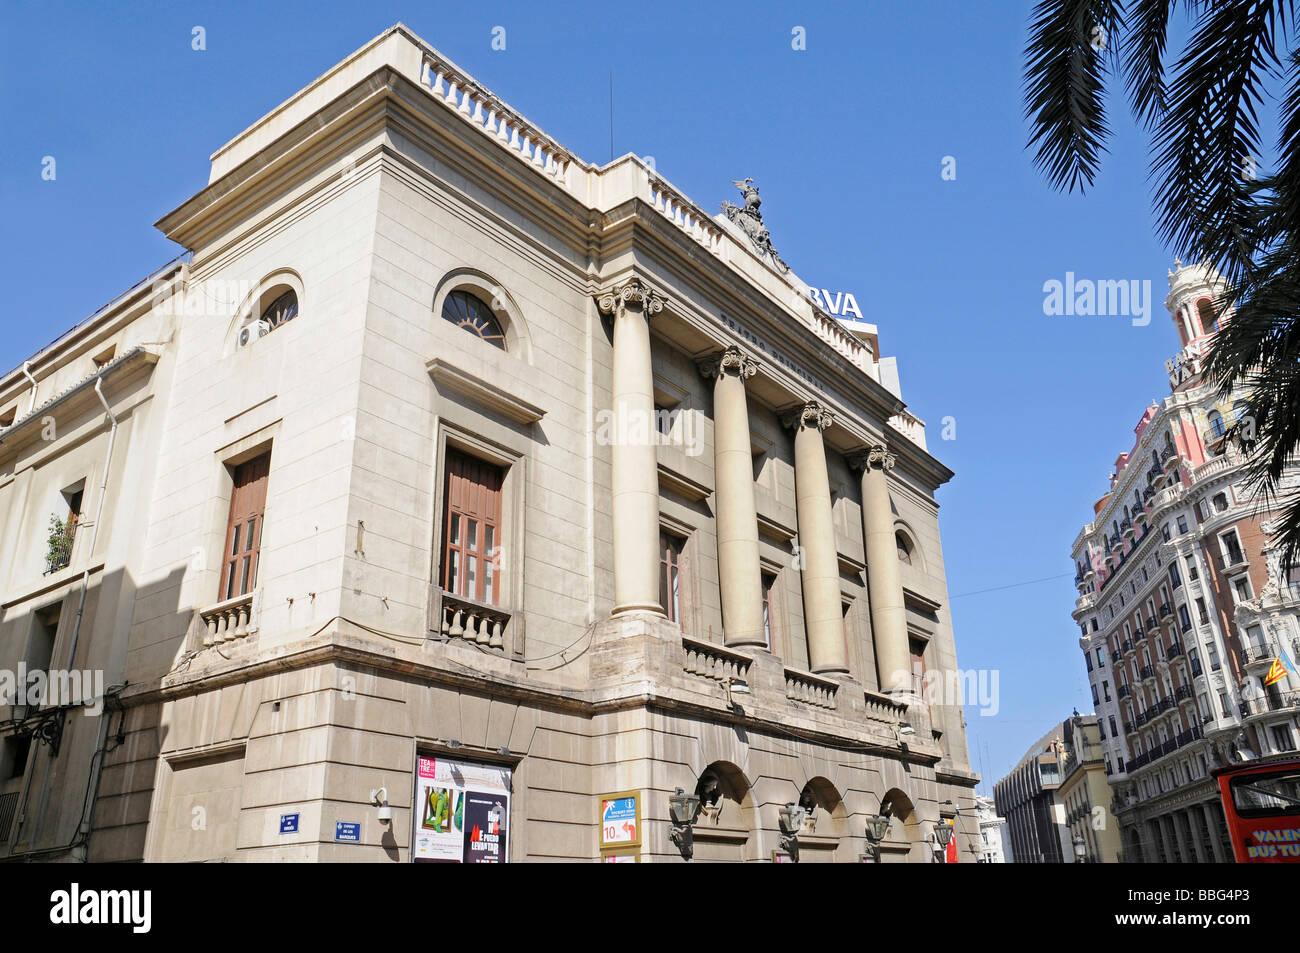 Teatro principal stock photos teatro principal stock for Teatro principal valencia